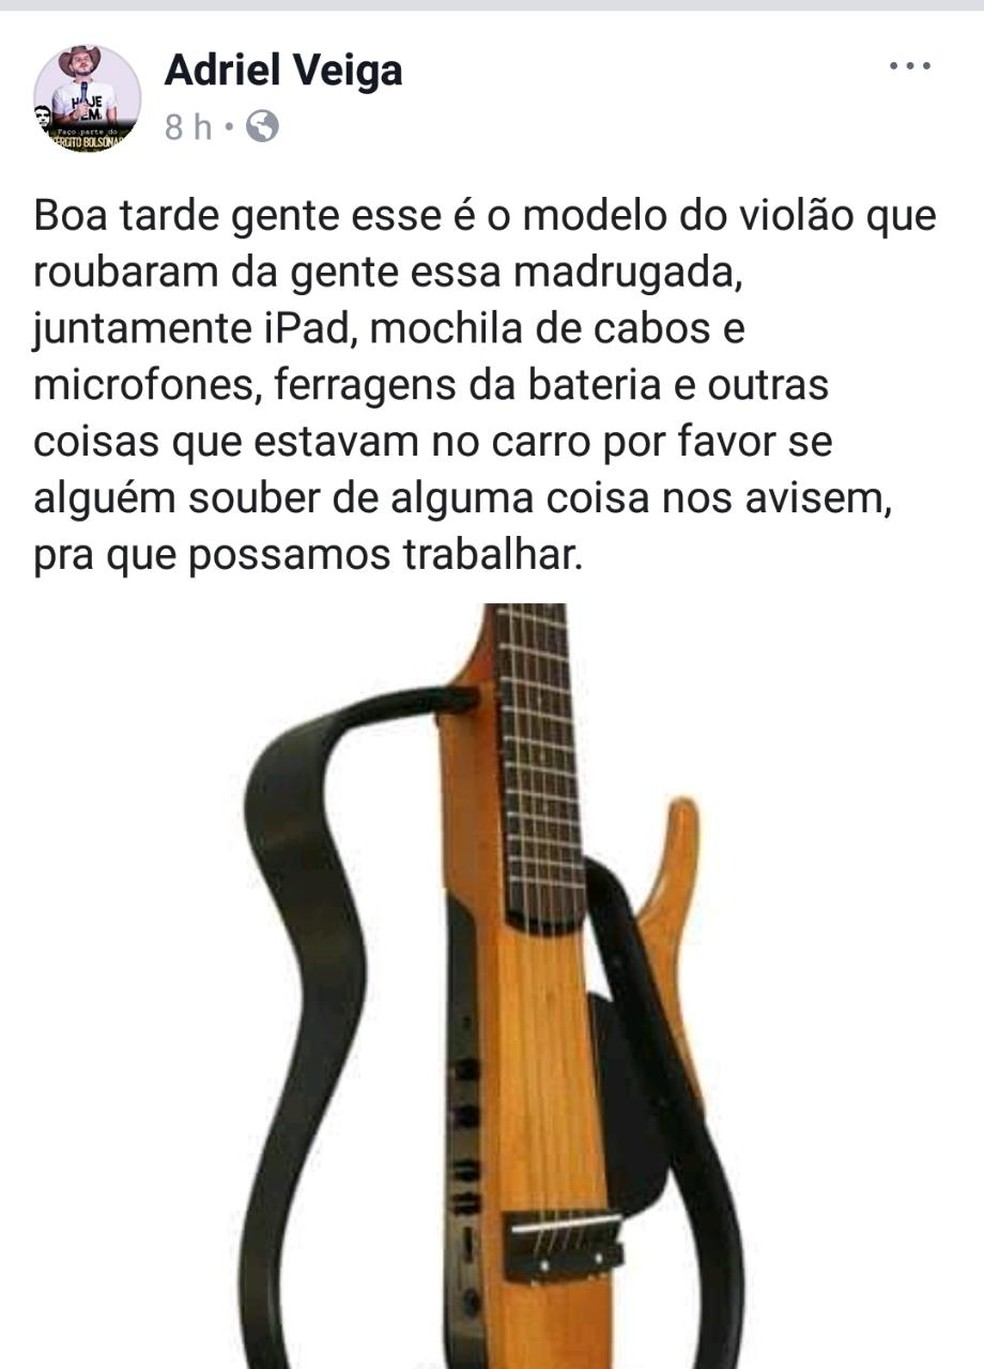 Músico postou modelo do violão que foi roubado — Foto: Reprodução/Facebook